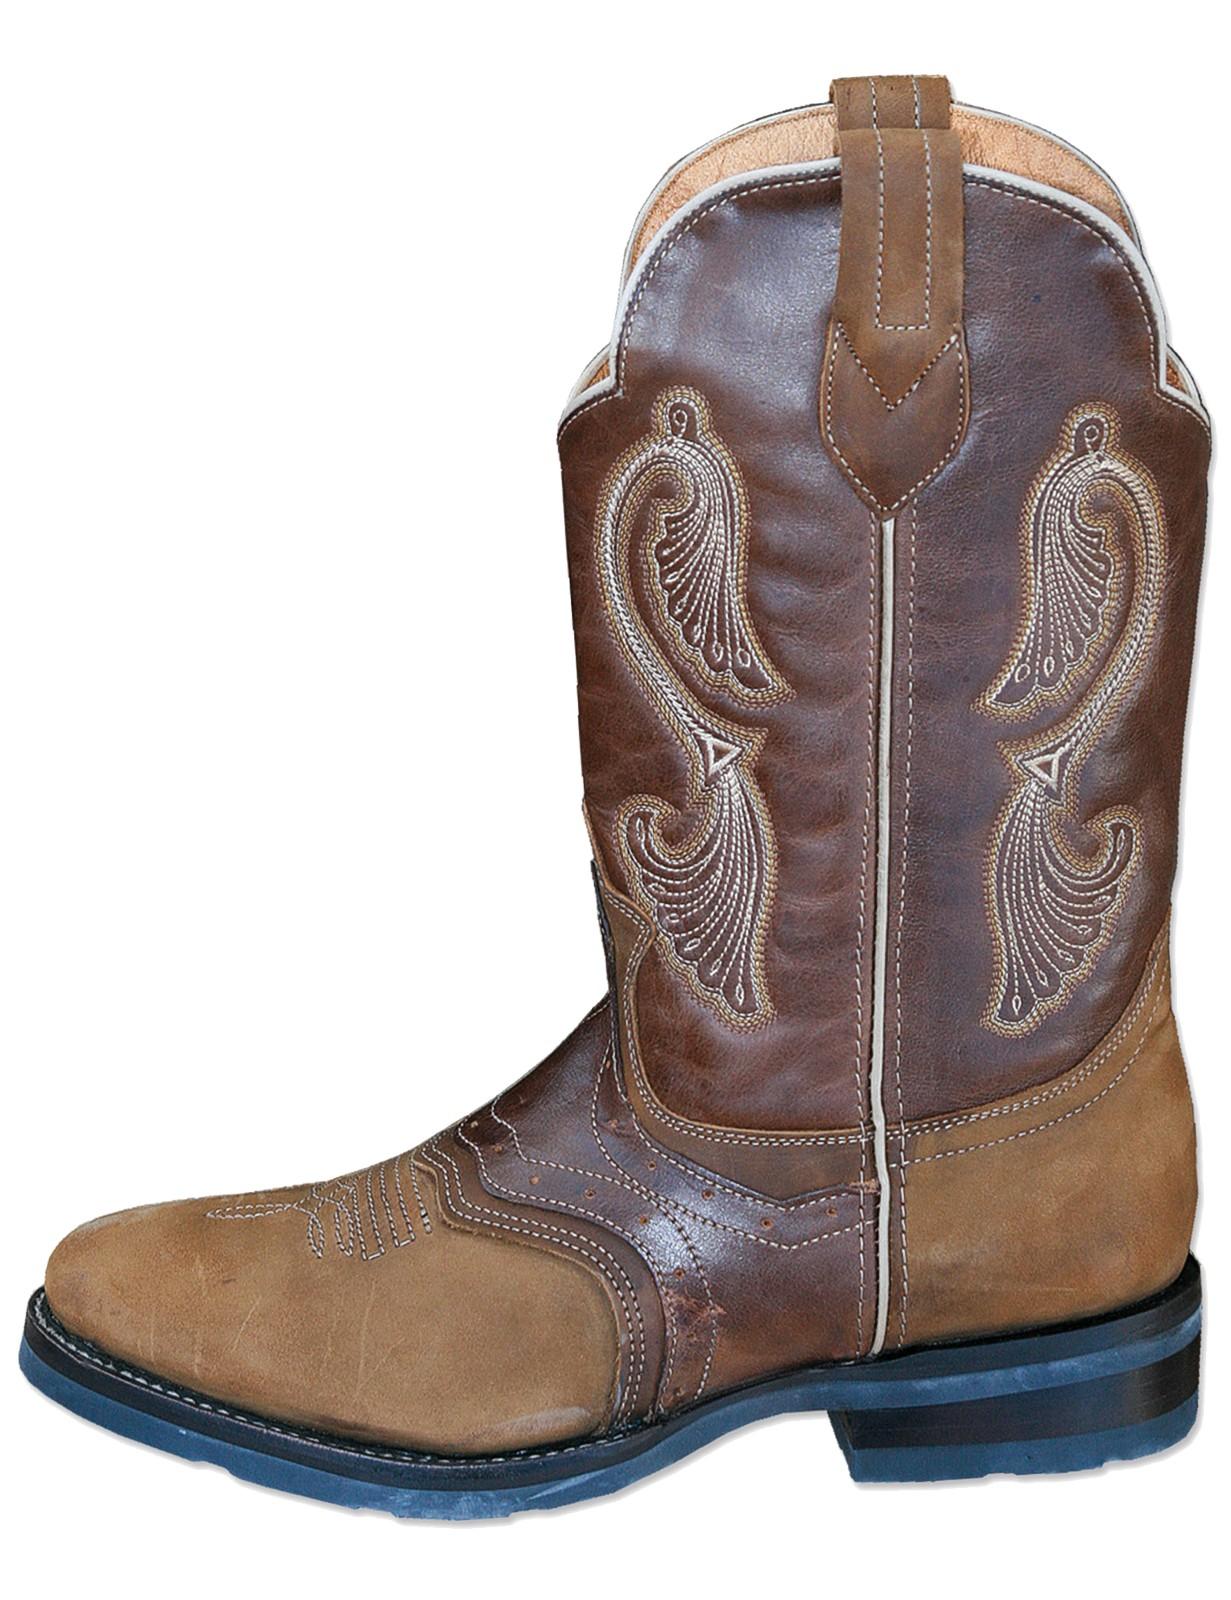 Stars & Stripes Herren Damen Stiefel Western Boots »WB-27« Braun